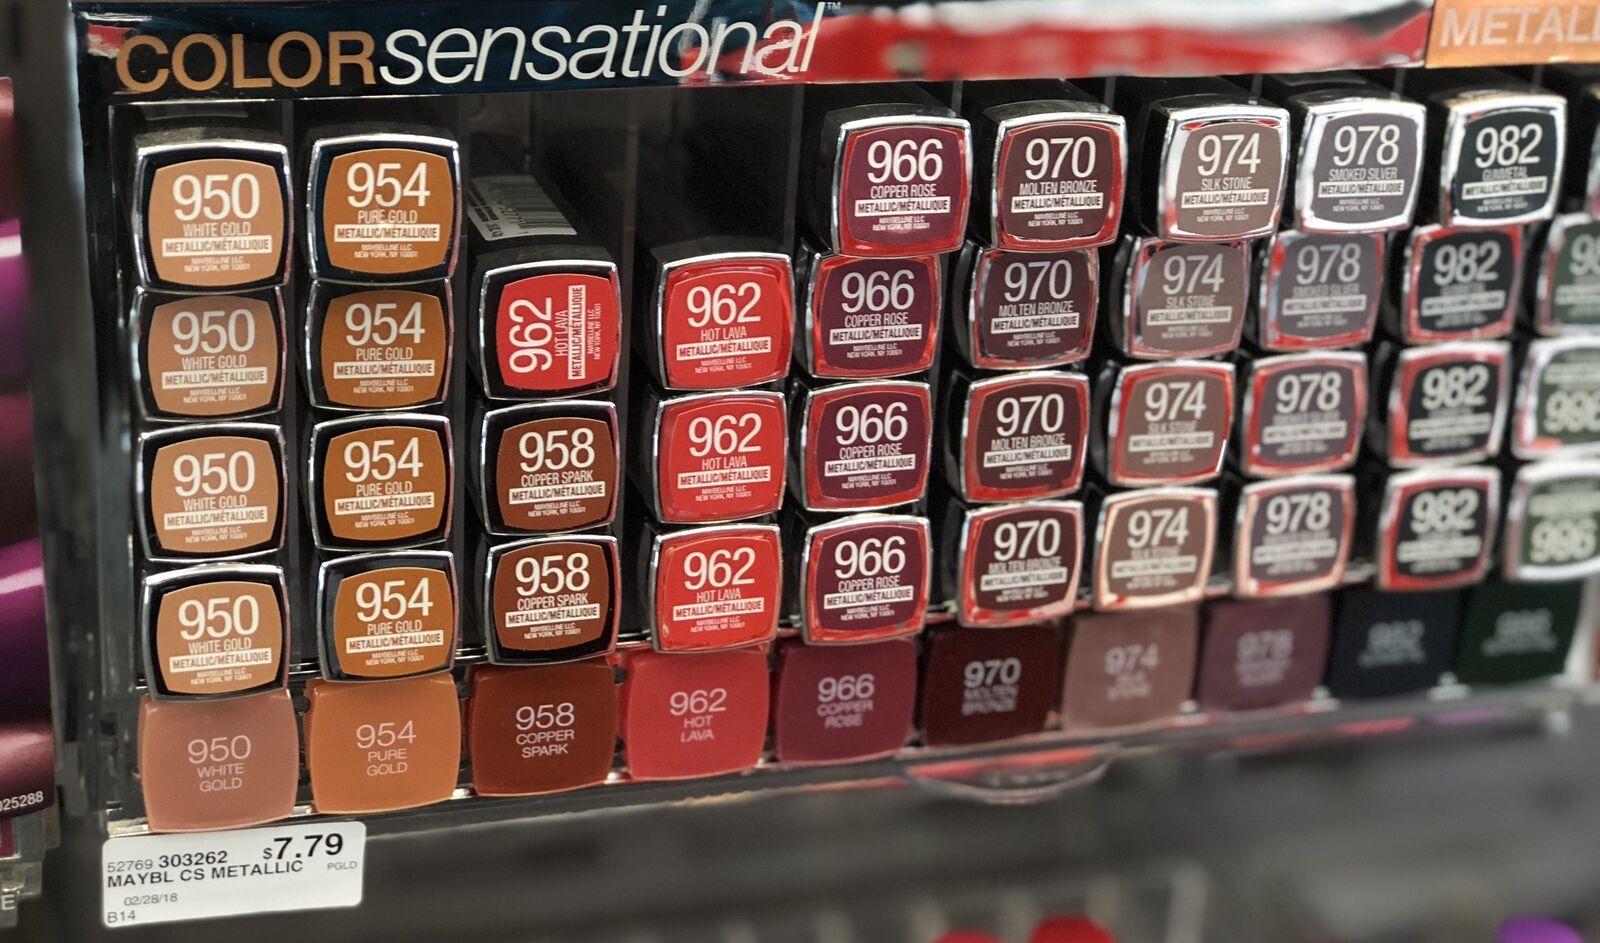 BUY 2 GET 2 FREE  Maybelline Color Sensational Lipstick